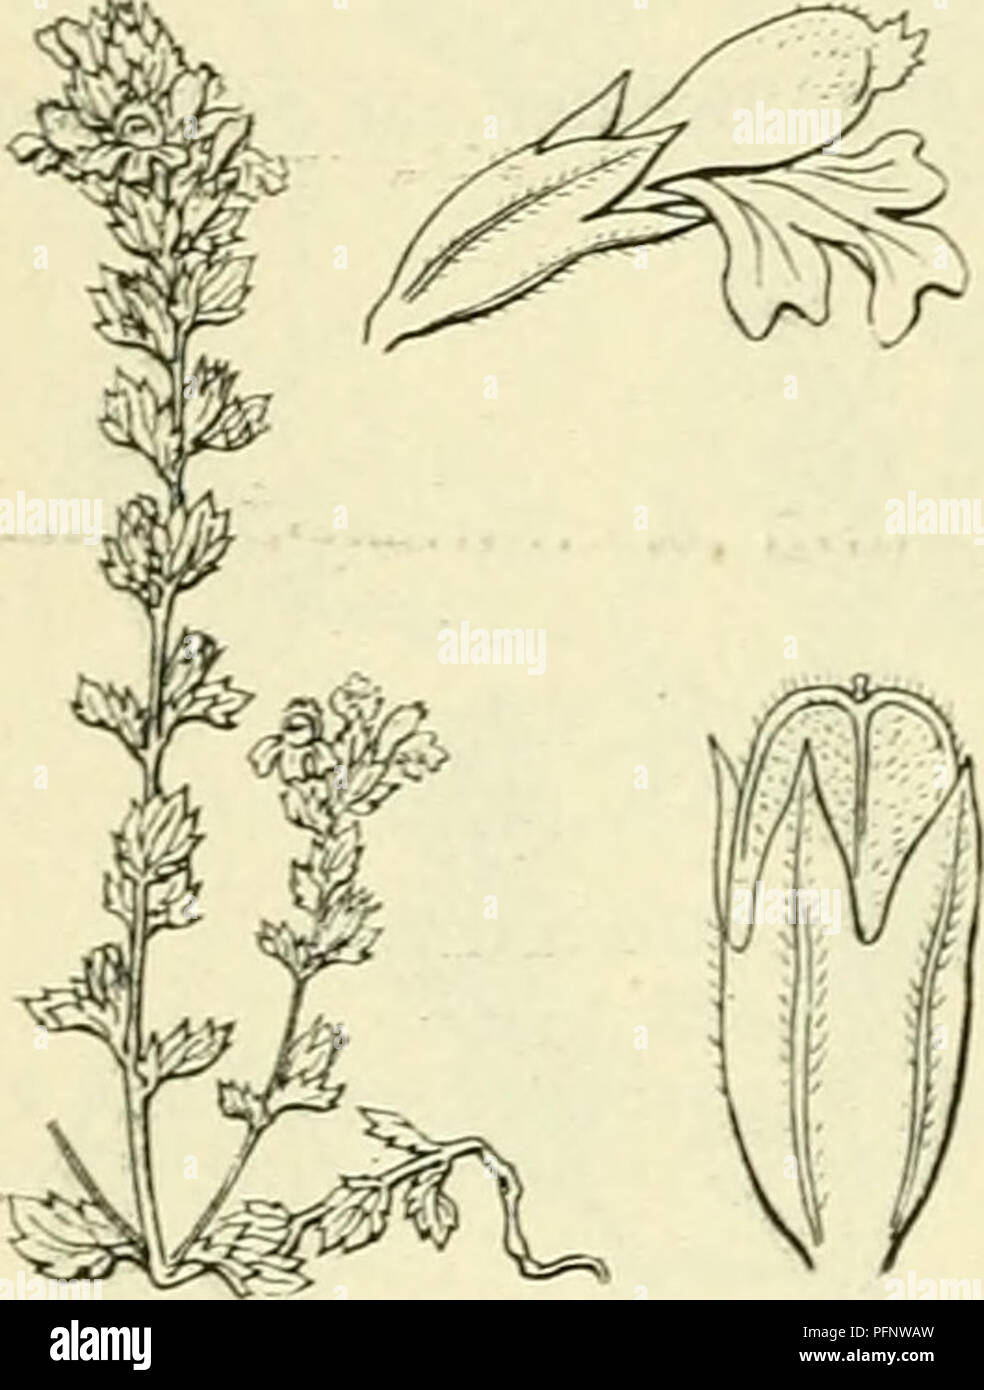 . De flora van Nederland. Plants. 186 â SCROPHüLARIACEAE. HAMILIE 94. onderlip en een bovenlip met iets getande lobben. De doosvrucht (fig. 224) is 5 mM lang, gewimperd, niet langer dan de kelk. De tros verlengt zich na den bloeitijd sterk. 1-3 dM. B. curta^) Wettst. Bij deze is de stengel rechtopstaand, krachtig, ver- takt, fijn behaard met opstijgende takken. De bladen zijn blauwgroen, de bovenste in gedroogden toestand vaak zwartachtig-smaragdgroen, spits, aan weerszijden 4-5-tandig, aan weerskanten of althans aan den rand en op de nerven van onderen kortborstelig. De tanden der bladen zij - Stock Image